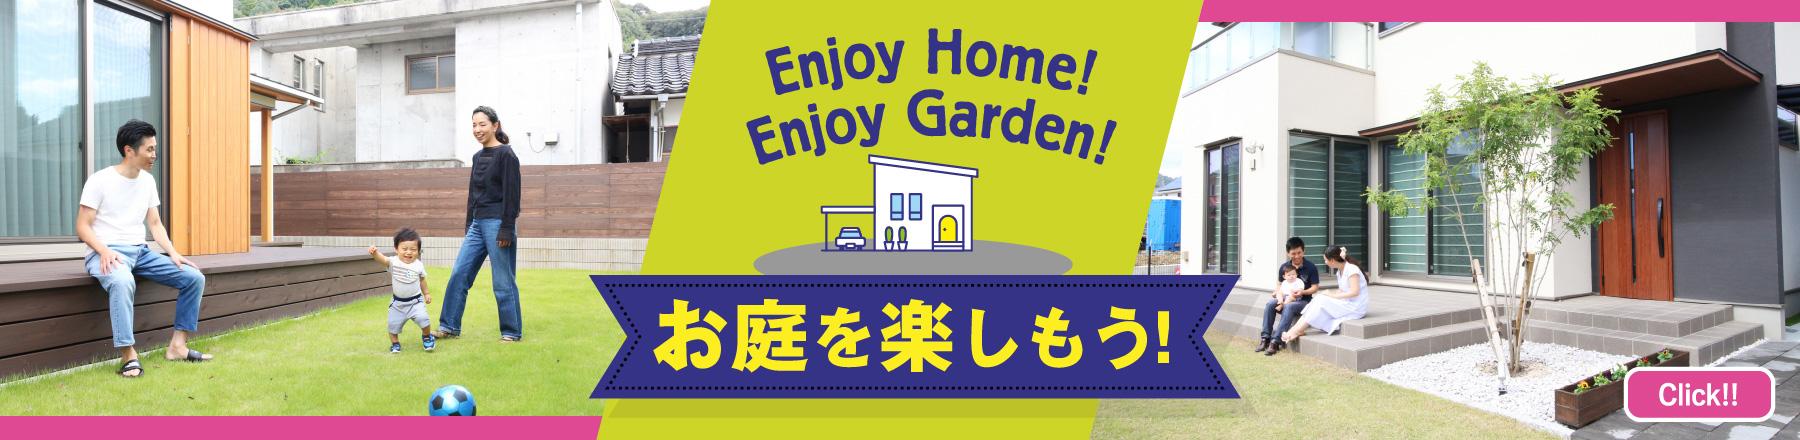 お庭を楽しもう!